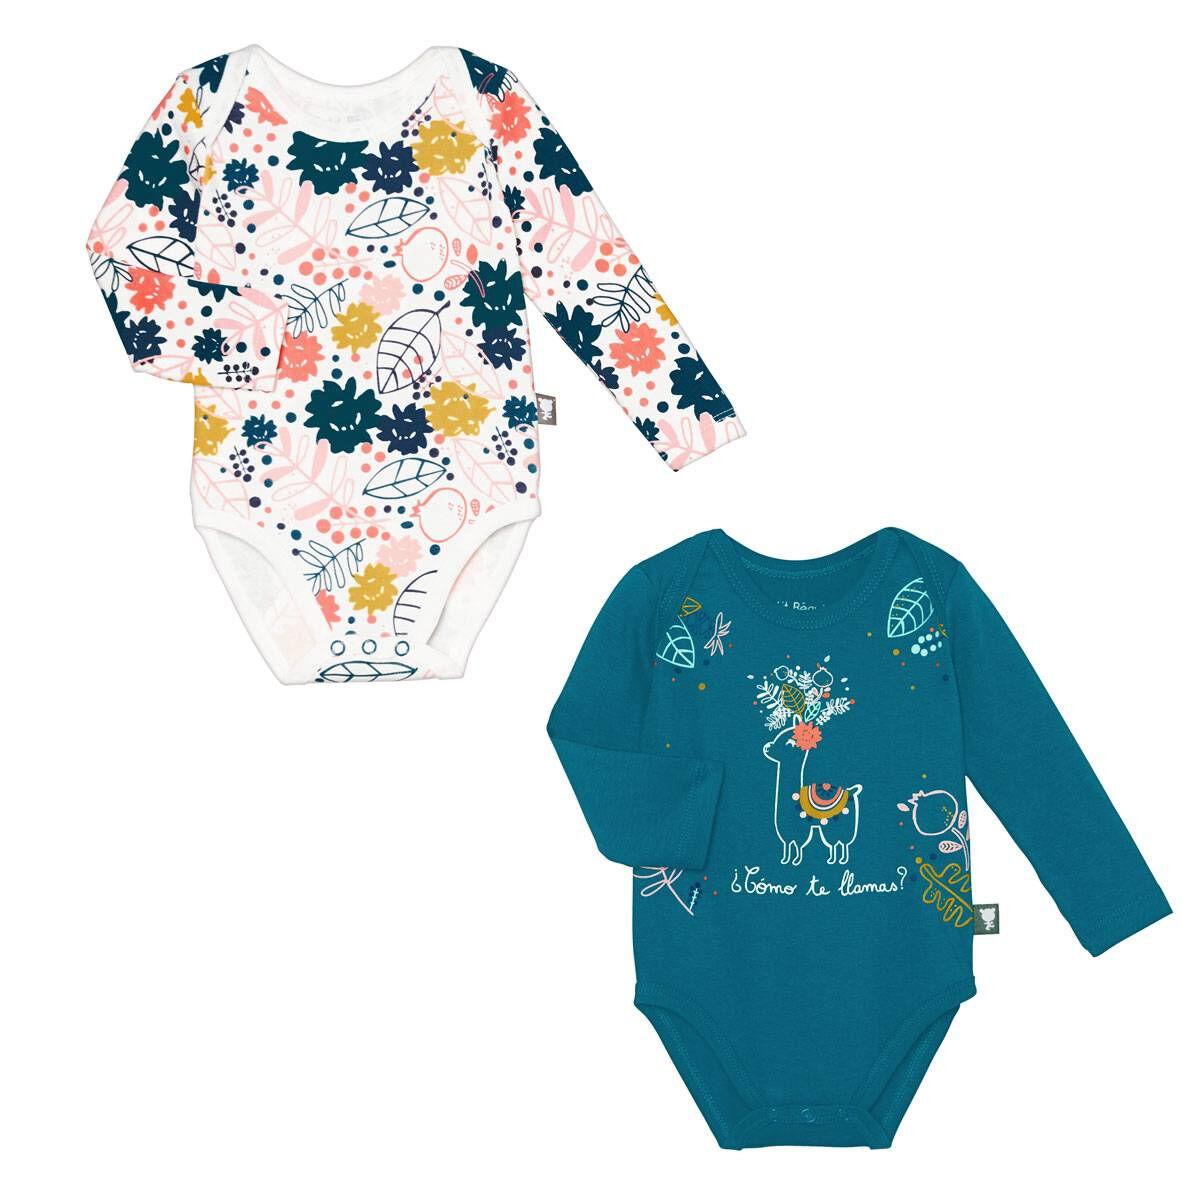 Petit Béguin Lot de 2 bodies bébé fille manches longues Lamapampa - Taille - 6 mois